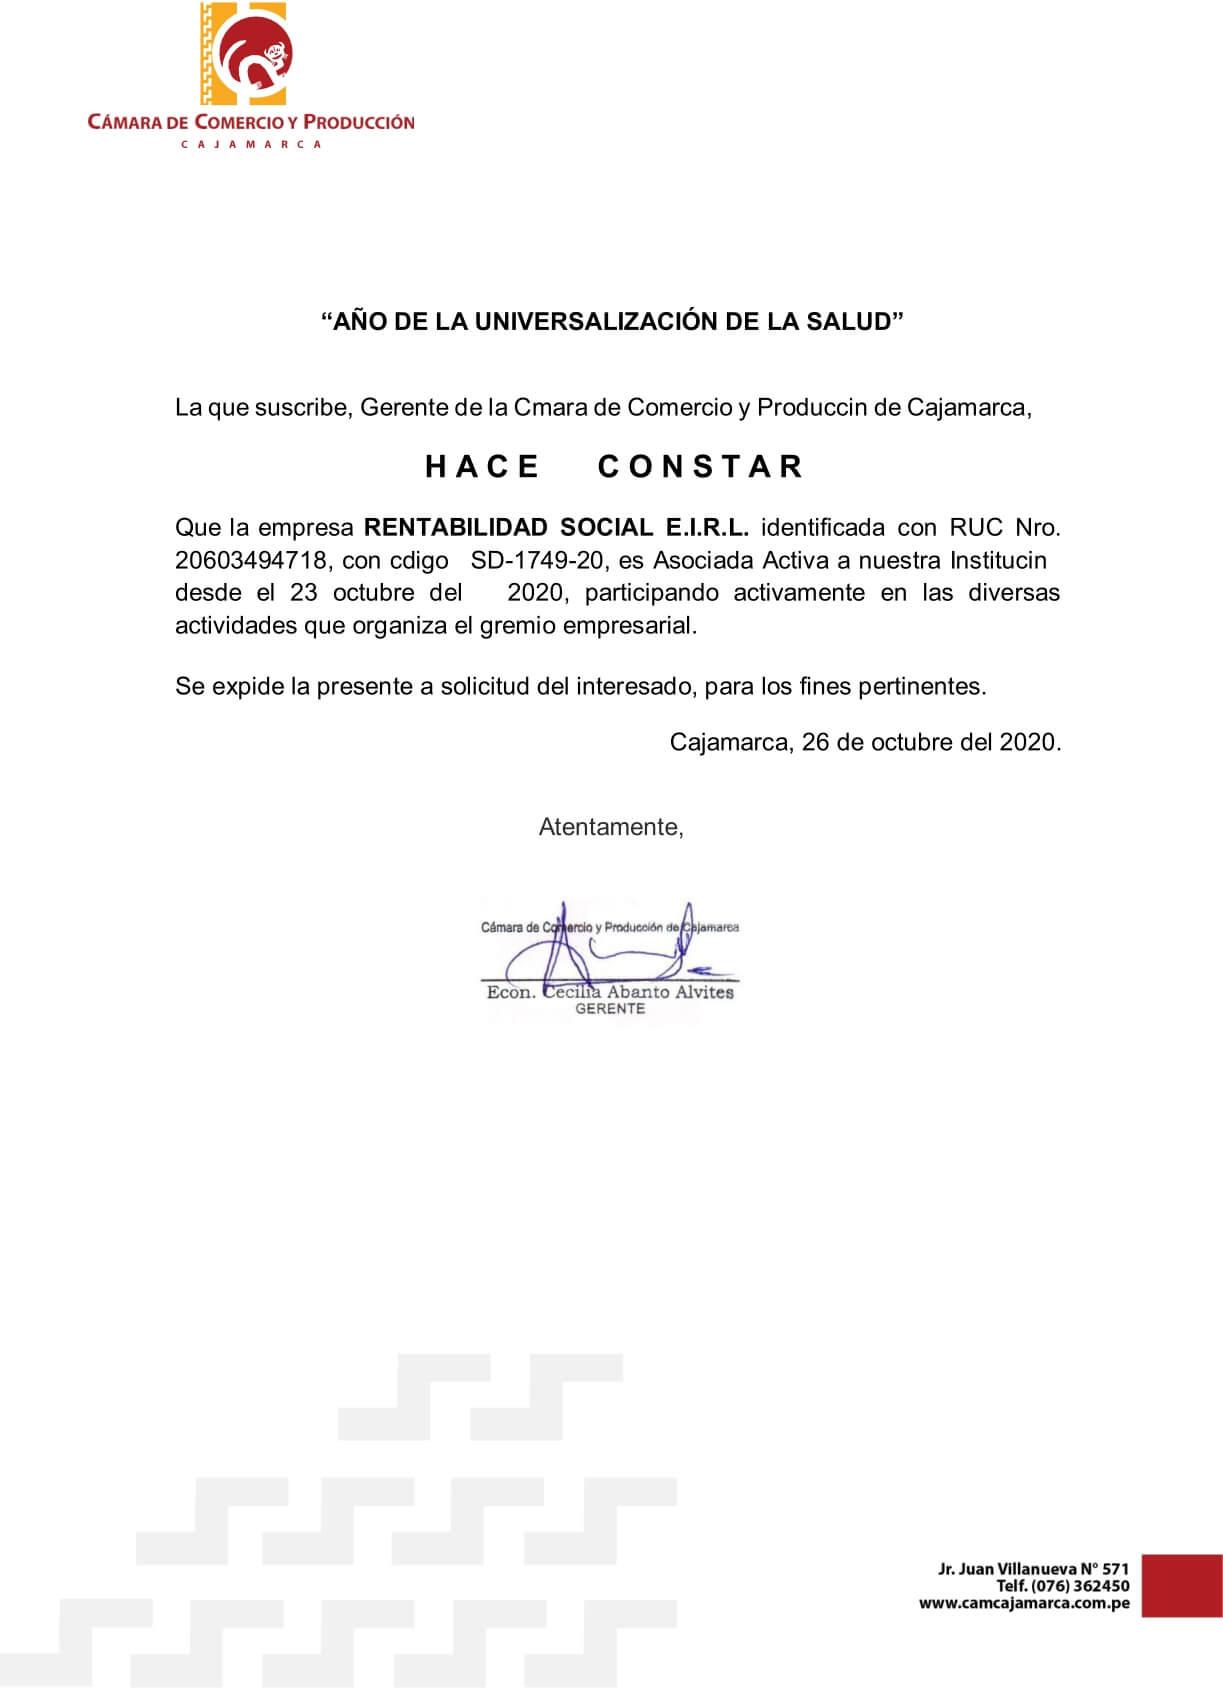 Rentabilidad Social Perú Asociado a la Cámara de Comercio y Producción de Cajamarca